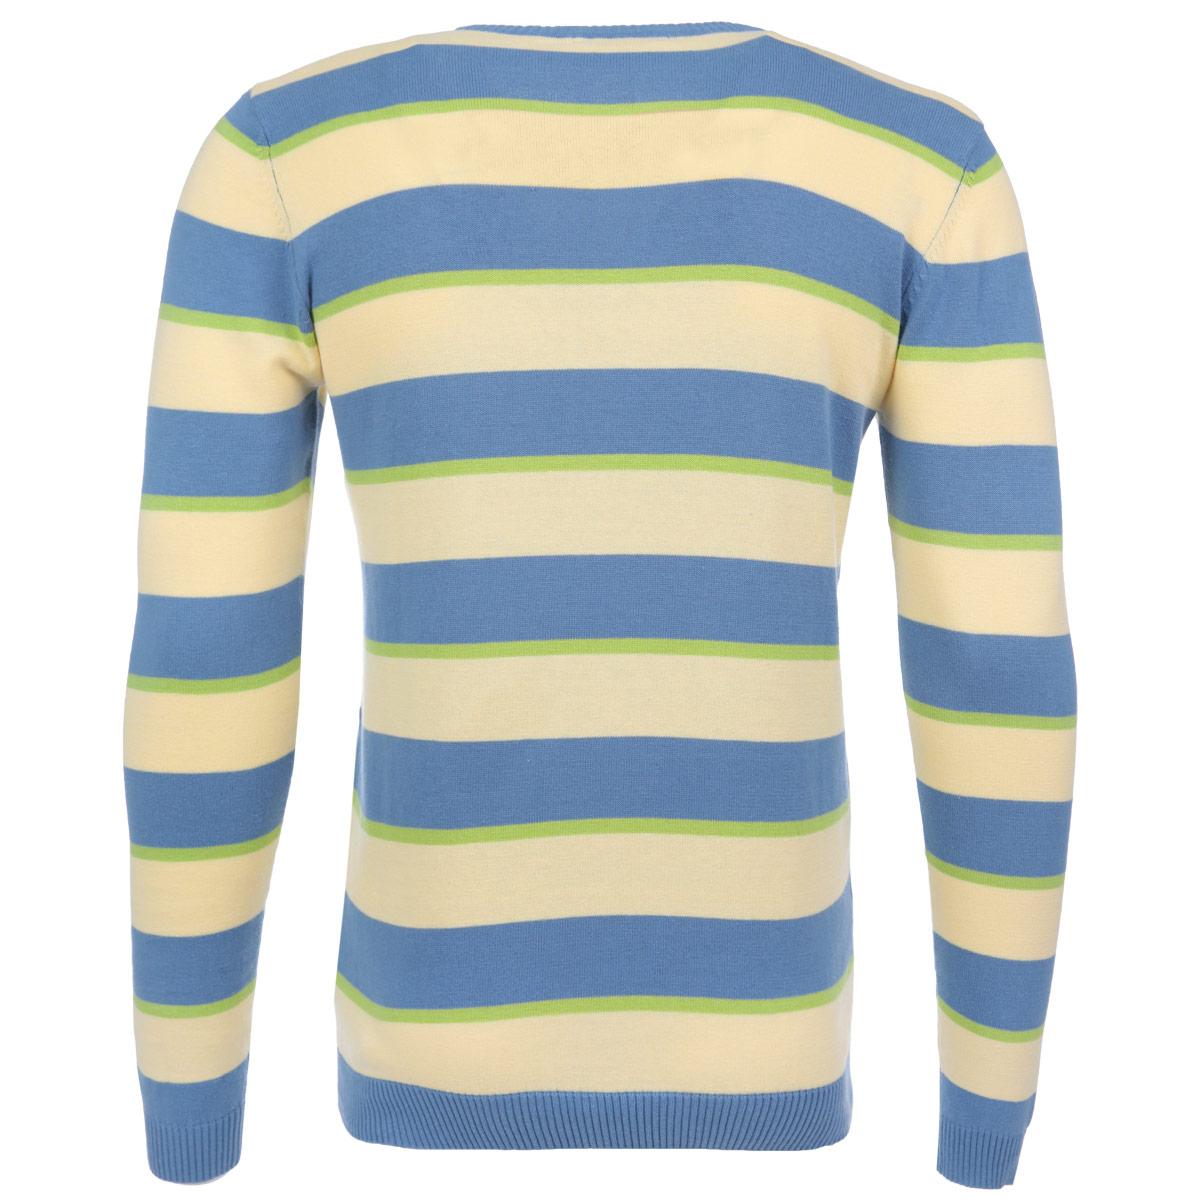 Джемпер мужской F5, цвет: голубой, зеленый, светло-желтый. 04478. Размер L (50)04478Стильный мужской джемпер F5, изготовленный из высококачественной пряжи, мягкий и приятный на ощупь, не сковывает движений и обеспечивает наибольший комфорт.Модель мелкой вязки с круглым вырезом горловины и длинными рукавами великолепно подойдет для создания образа в стиле Casual. Манжеты рукавов, вырез горловины и низ изделия дополнены эластичными резинками. Джемпер оформлен яркими контрастными полосками. Этот джемпер послужит отличным дополнением к вашему гардеробу. В нем вы всегда будете чувствовать себя уютно и комфортно в прохладную погоду.